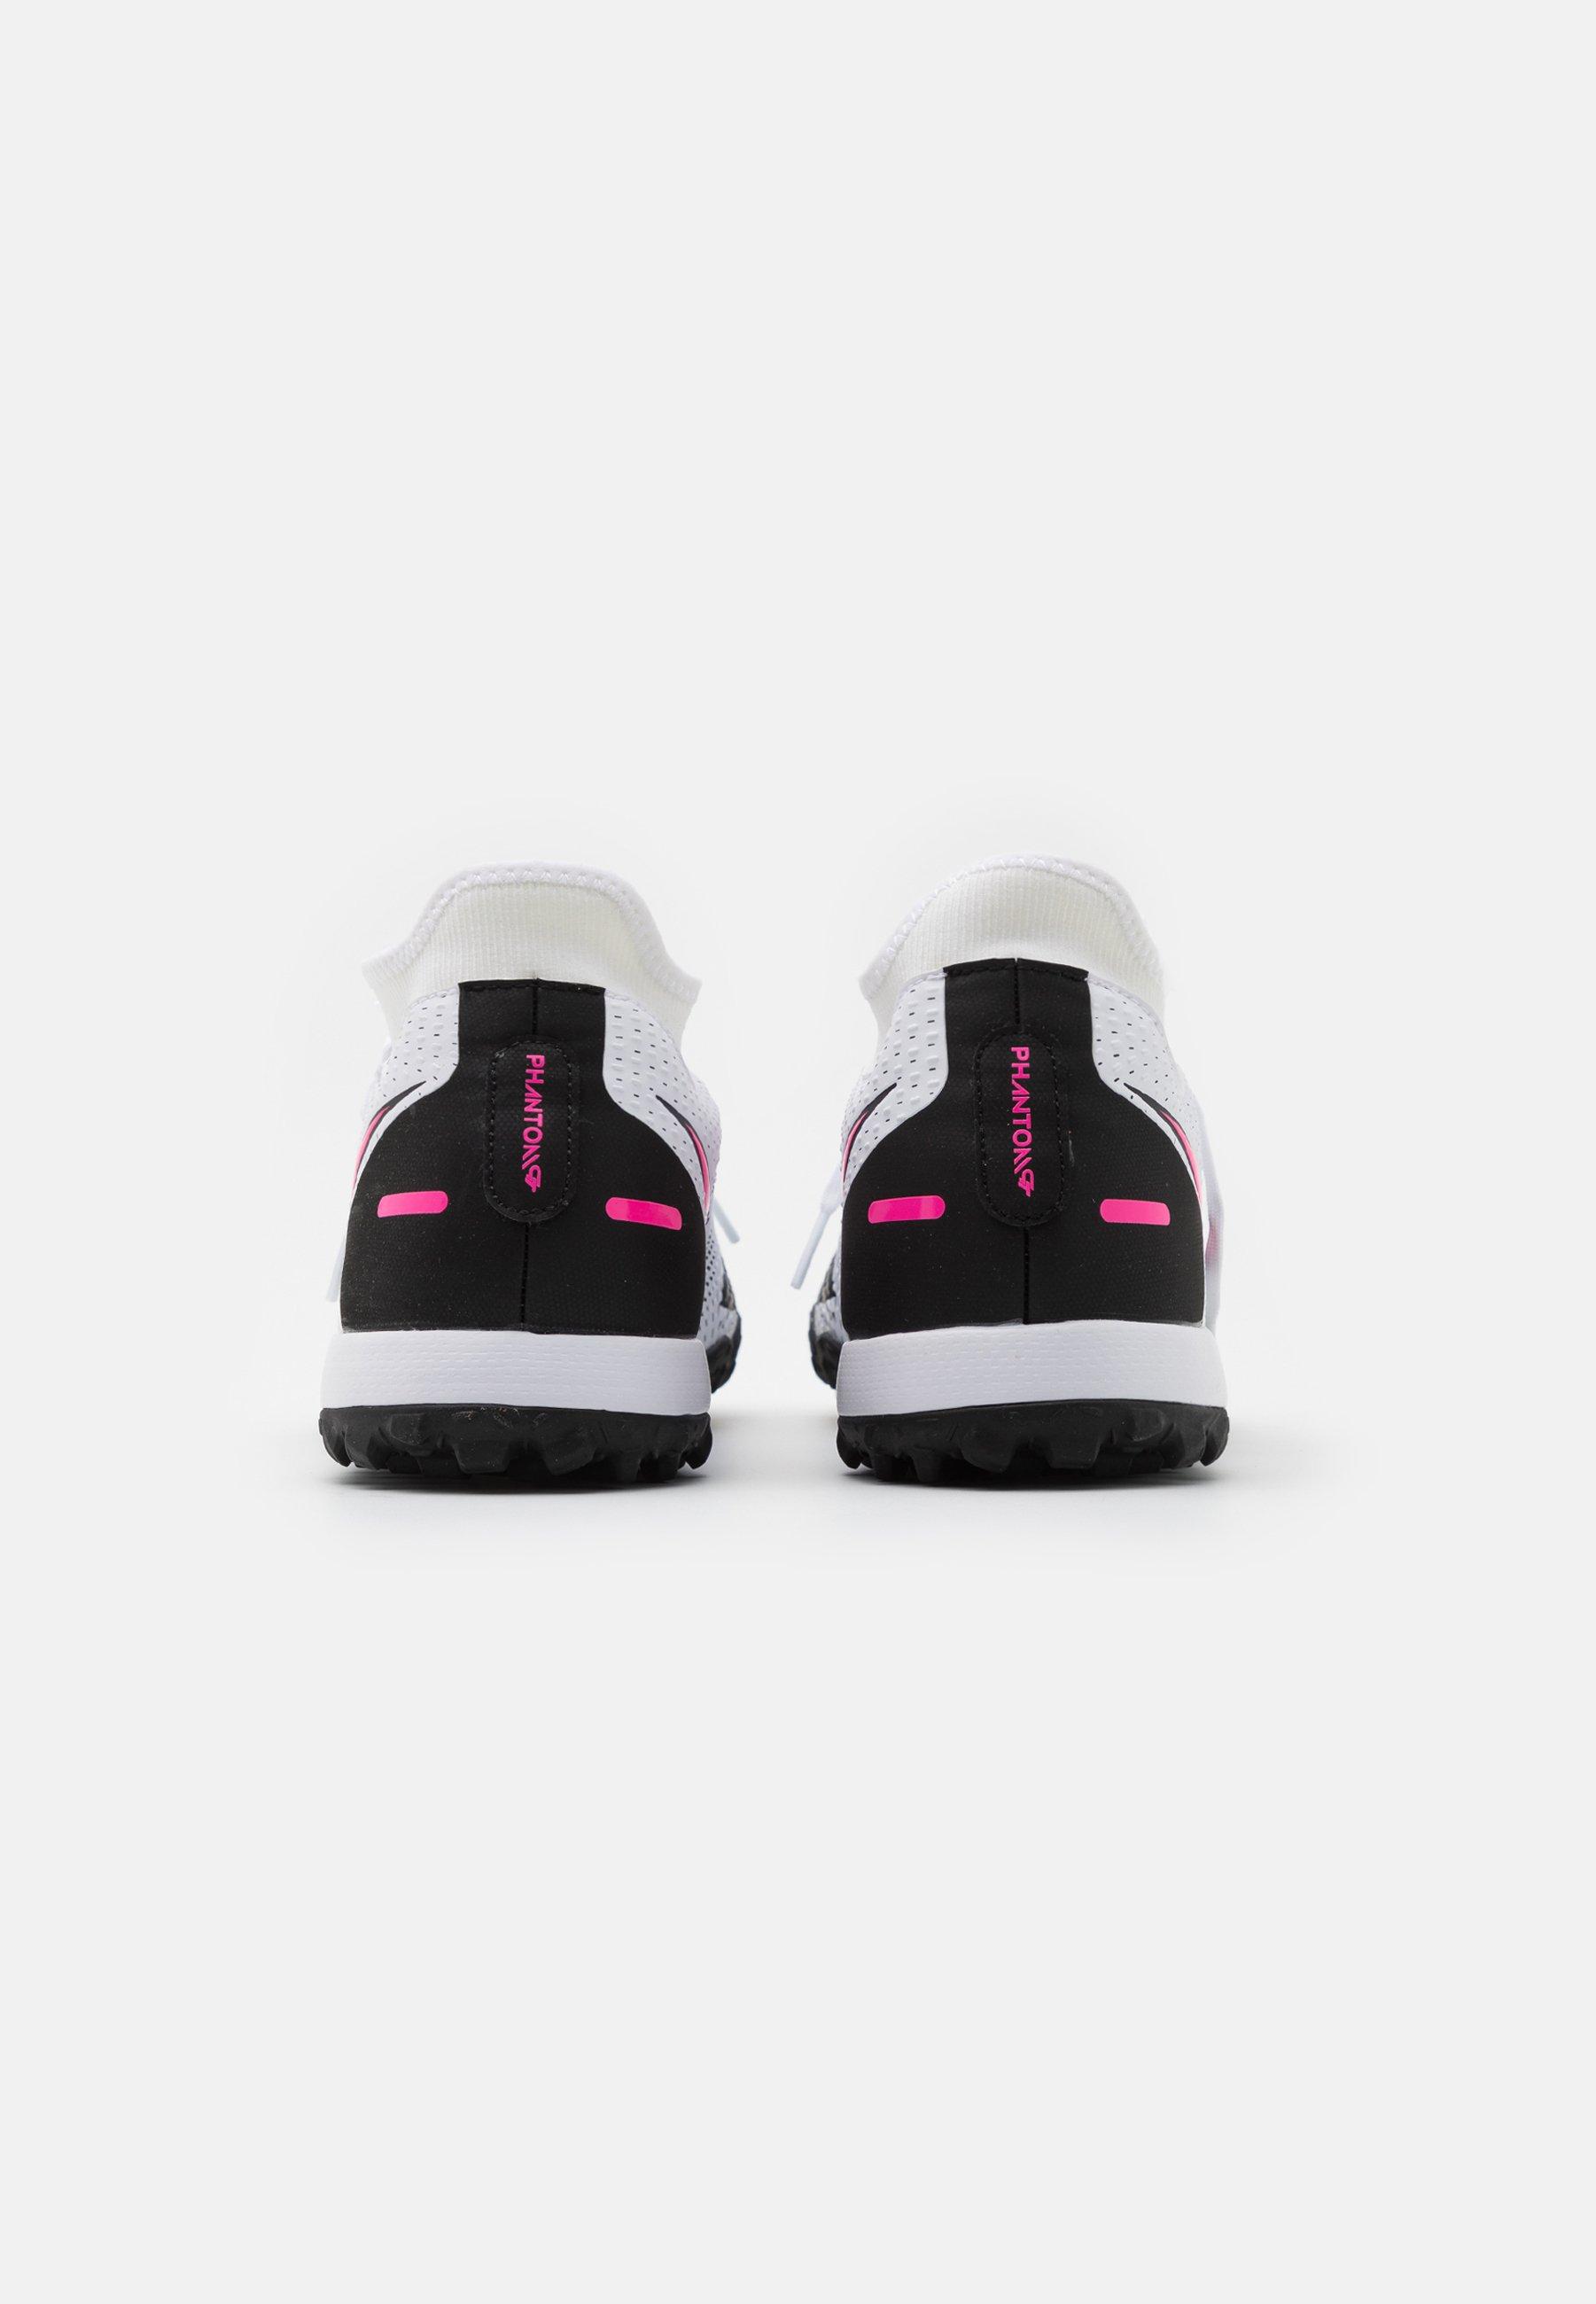 Nike Performance PHANTOM GT ACADEMY DF TF - Scarpe da calcetto con tacchetti - white/pink blast/black - Scarpe da uomo Nuovo stile